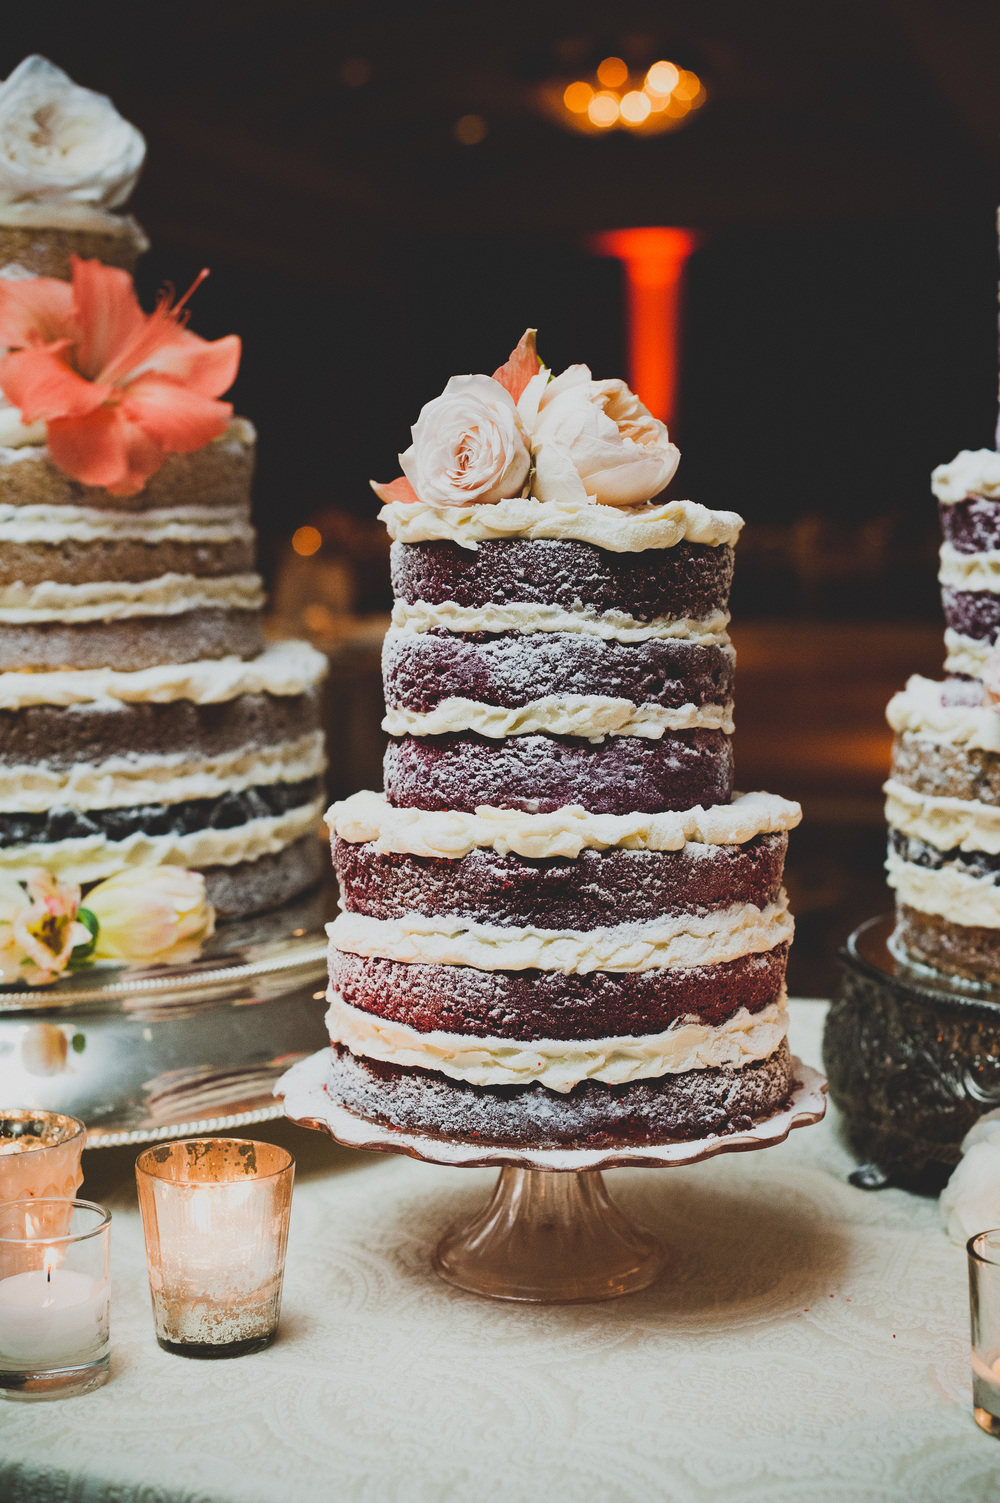 CAKE cake 6e48a36ba5f16346ab620d99f7b124ca.jpg